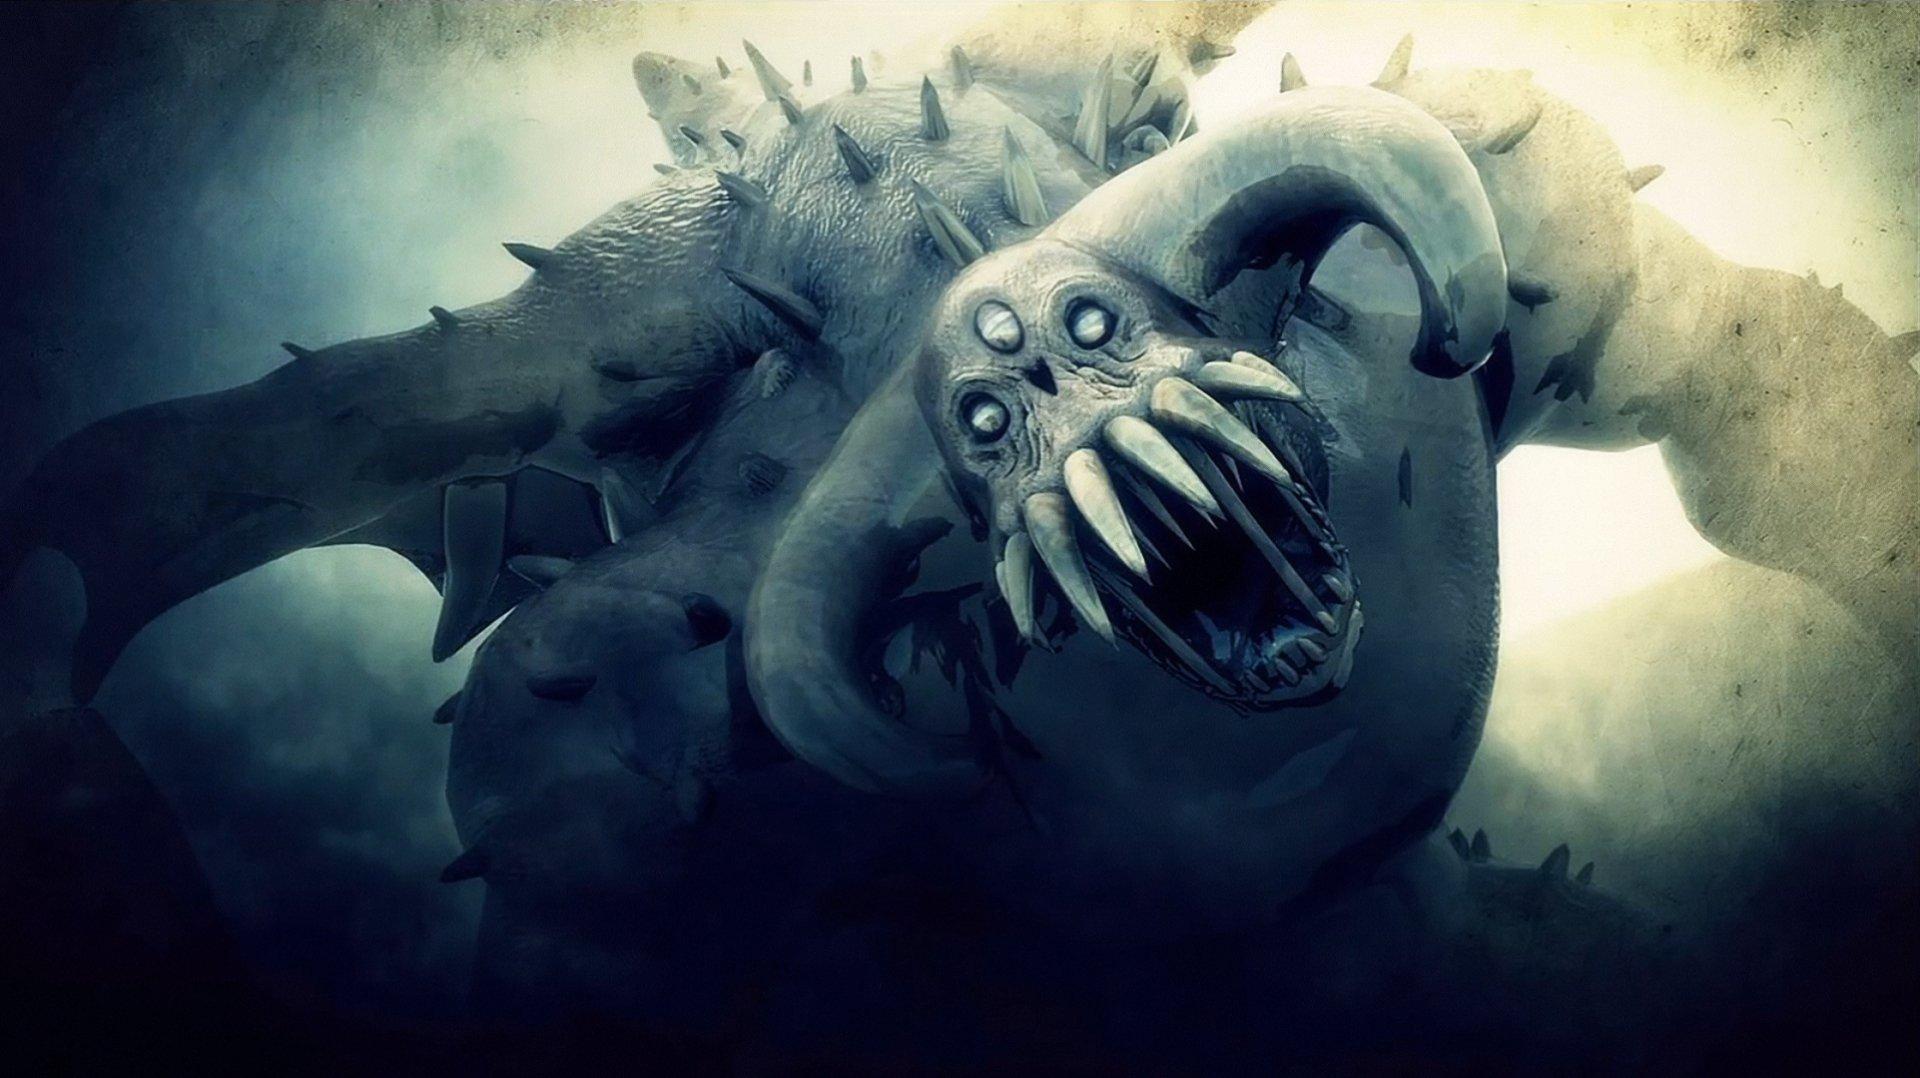 Datorspel - Demon's Souls  Datorspel Bakgrund